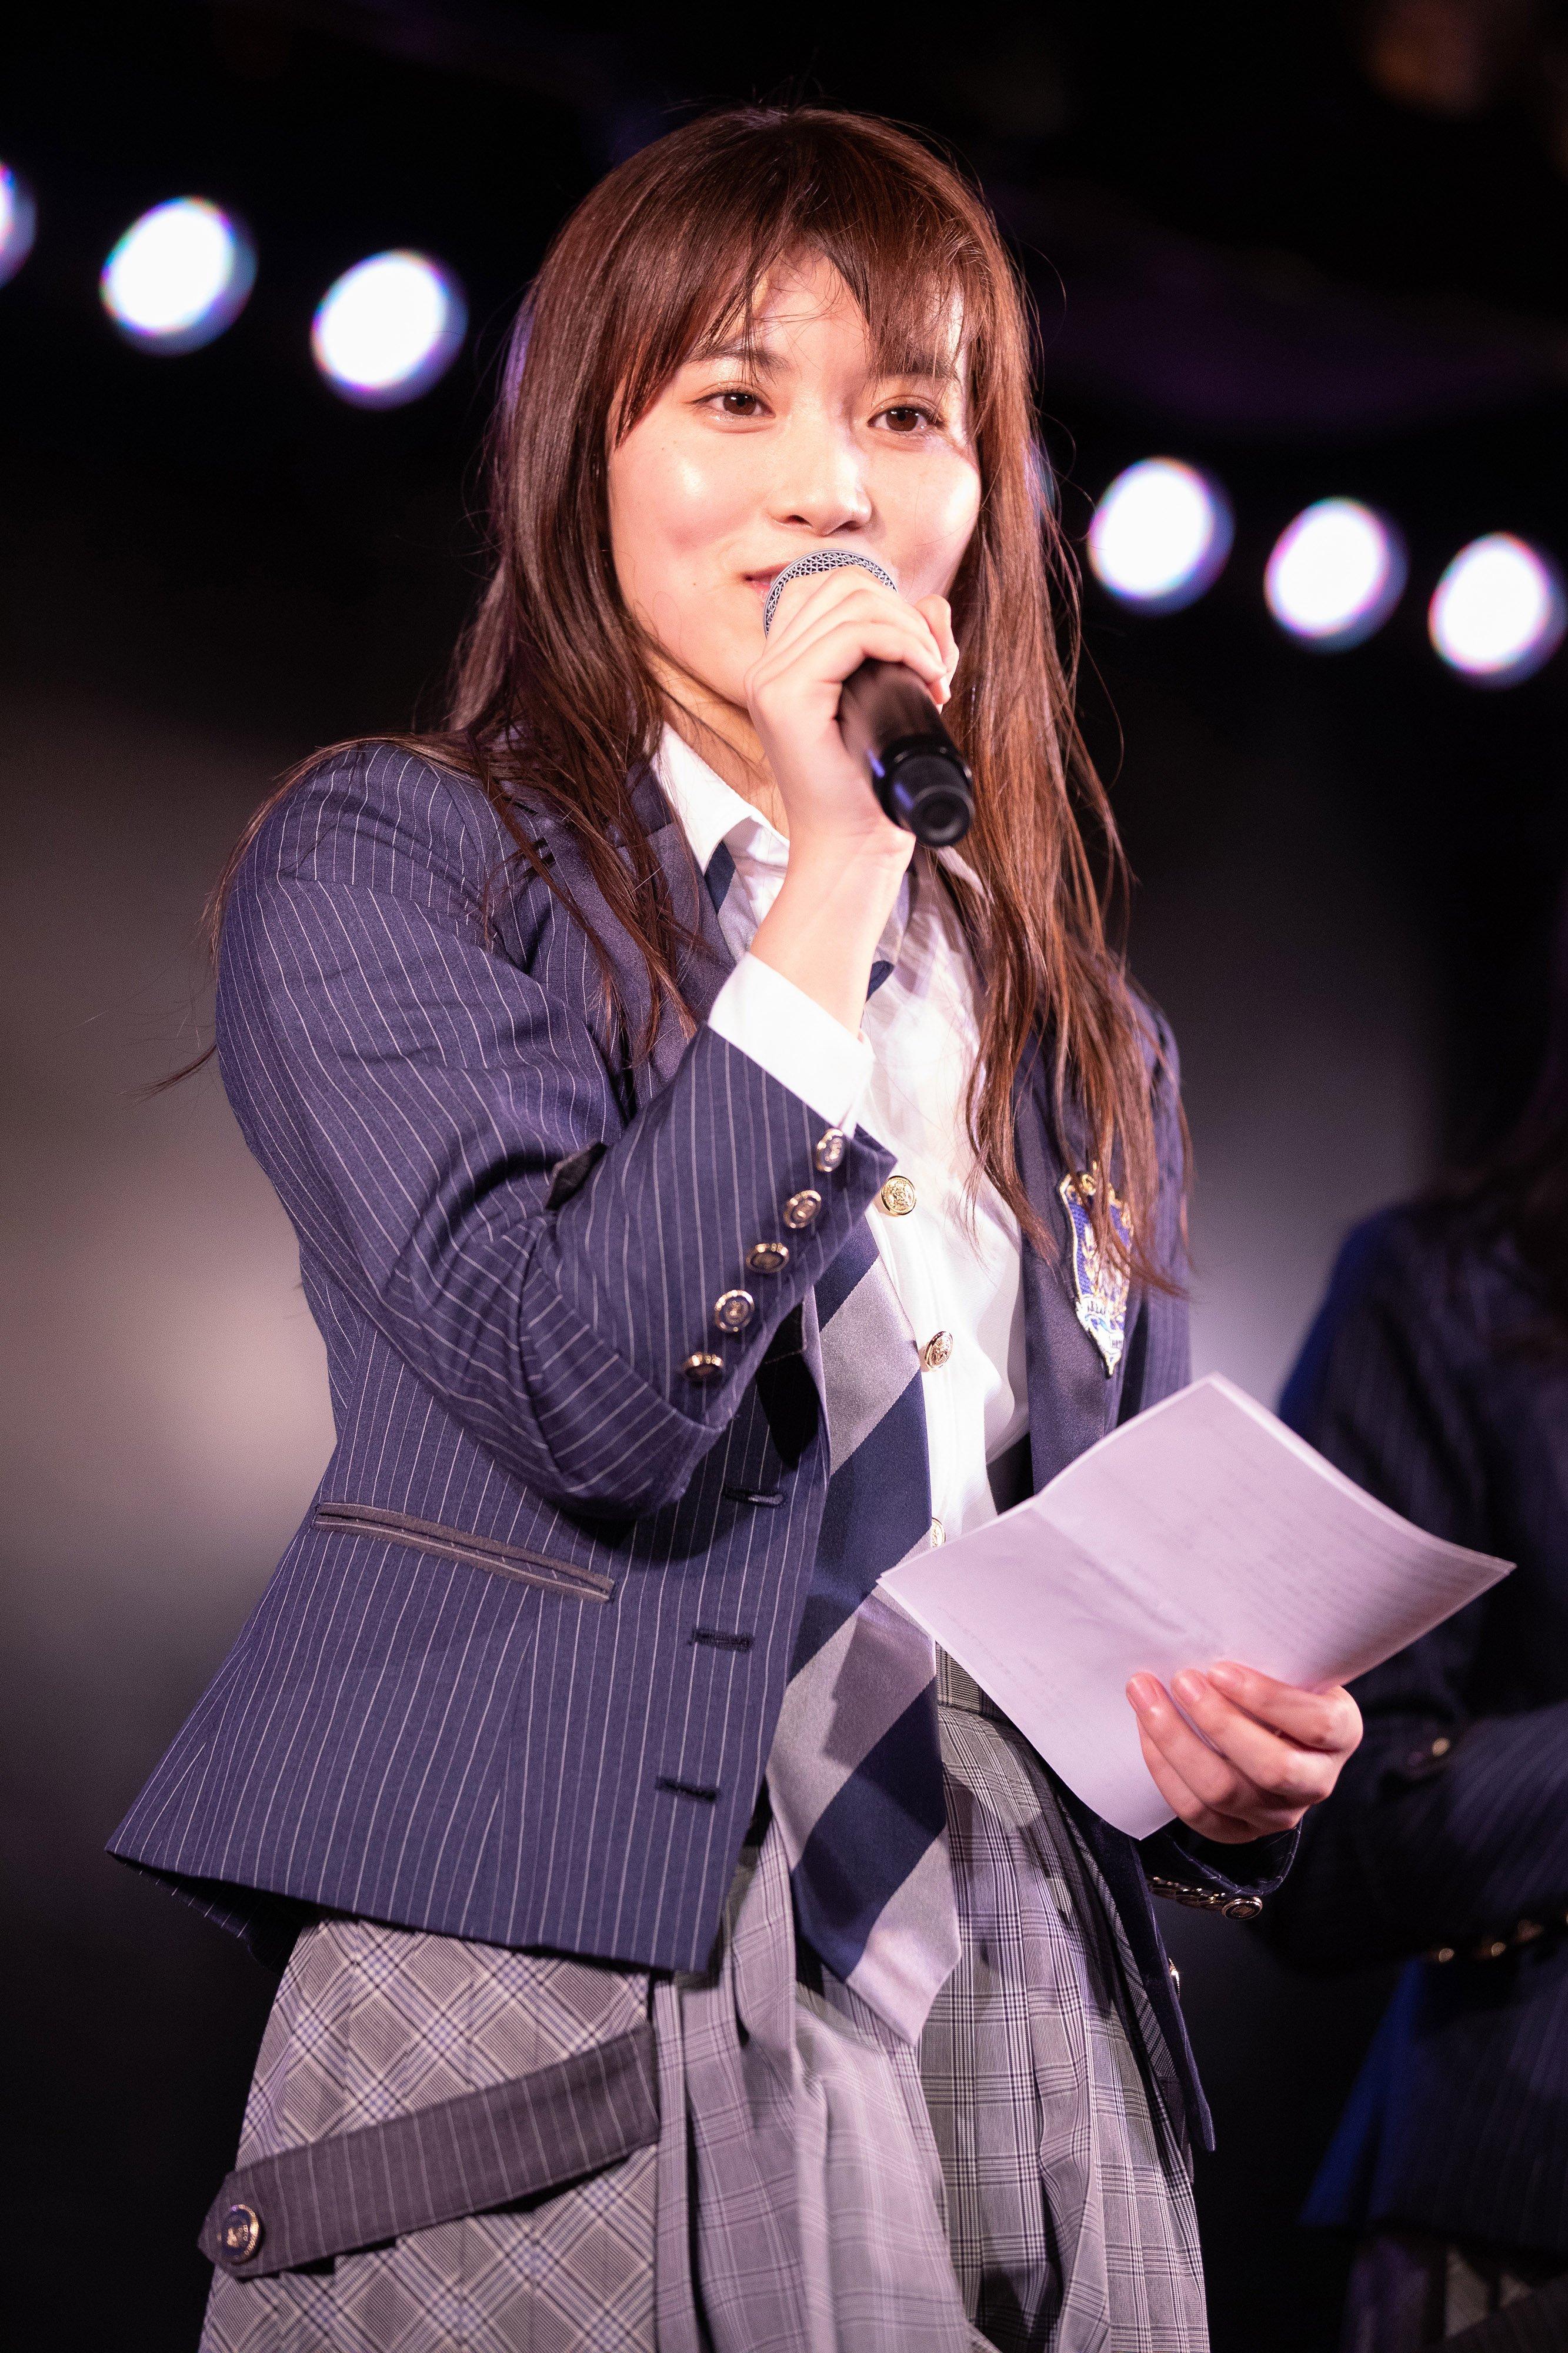 ⽇本全国10か所を巡る「AKB48全国ツアー2019」が7月から開始!【写真5枚】の画像001